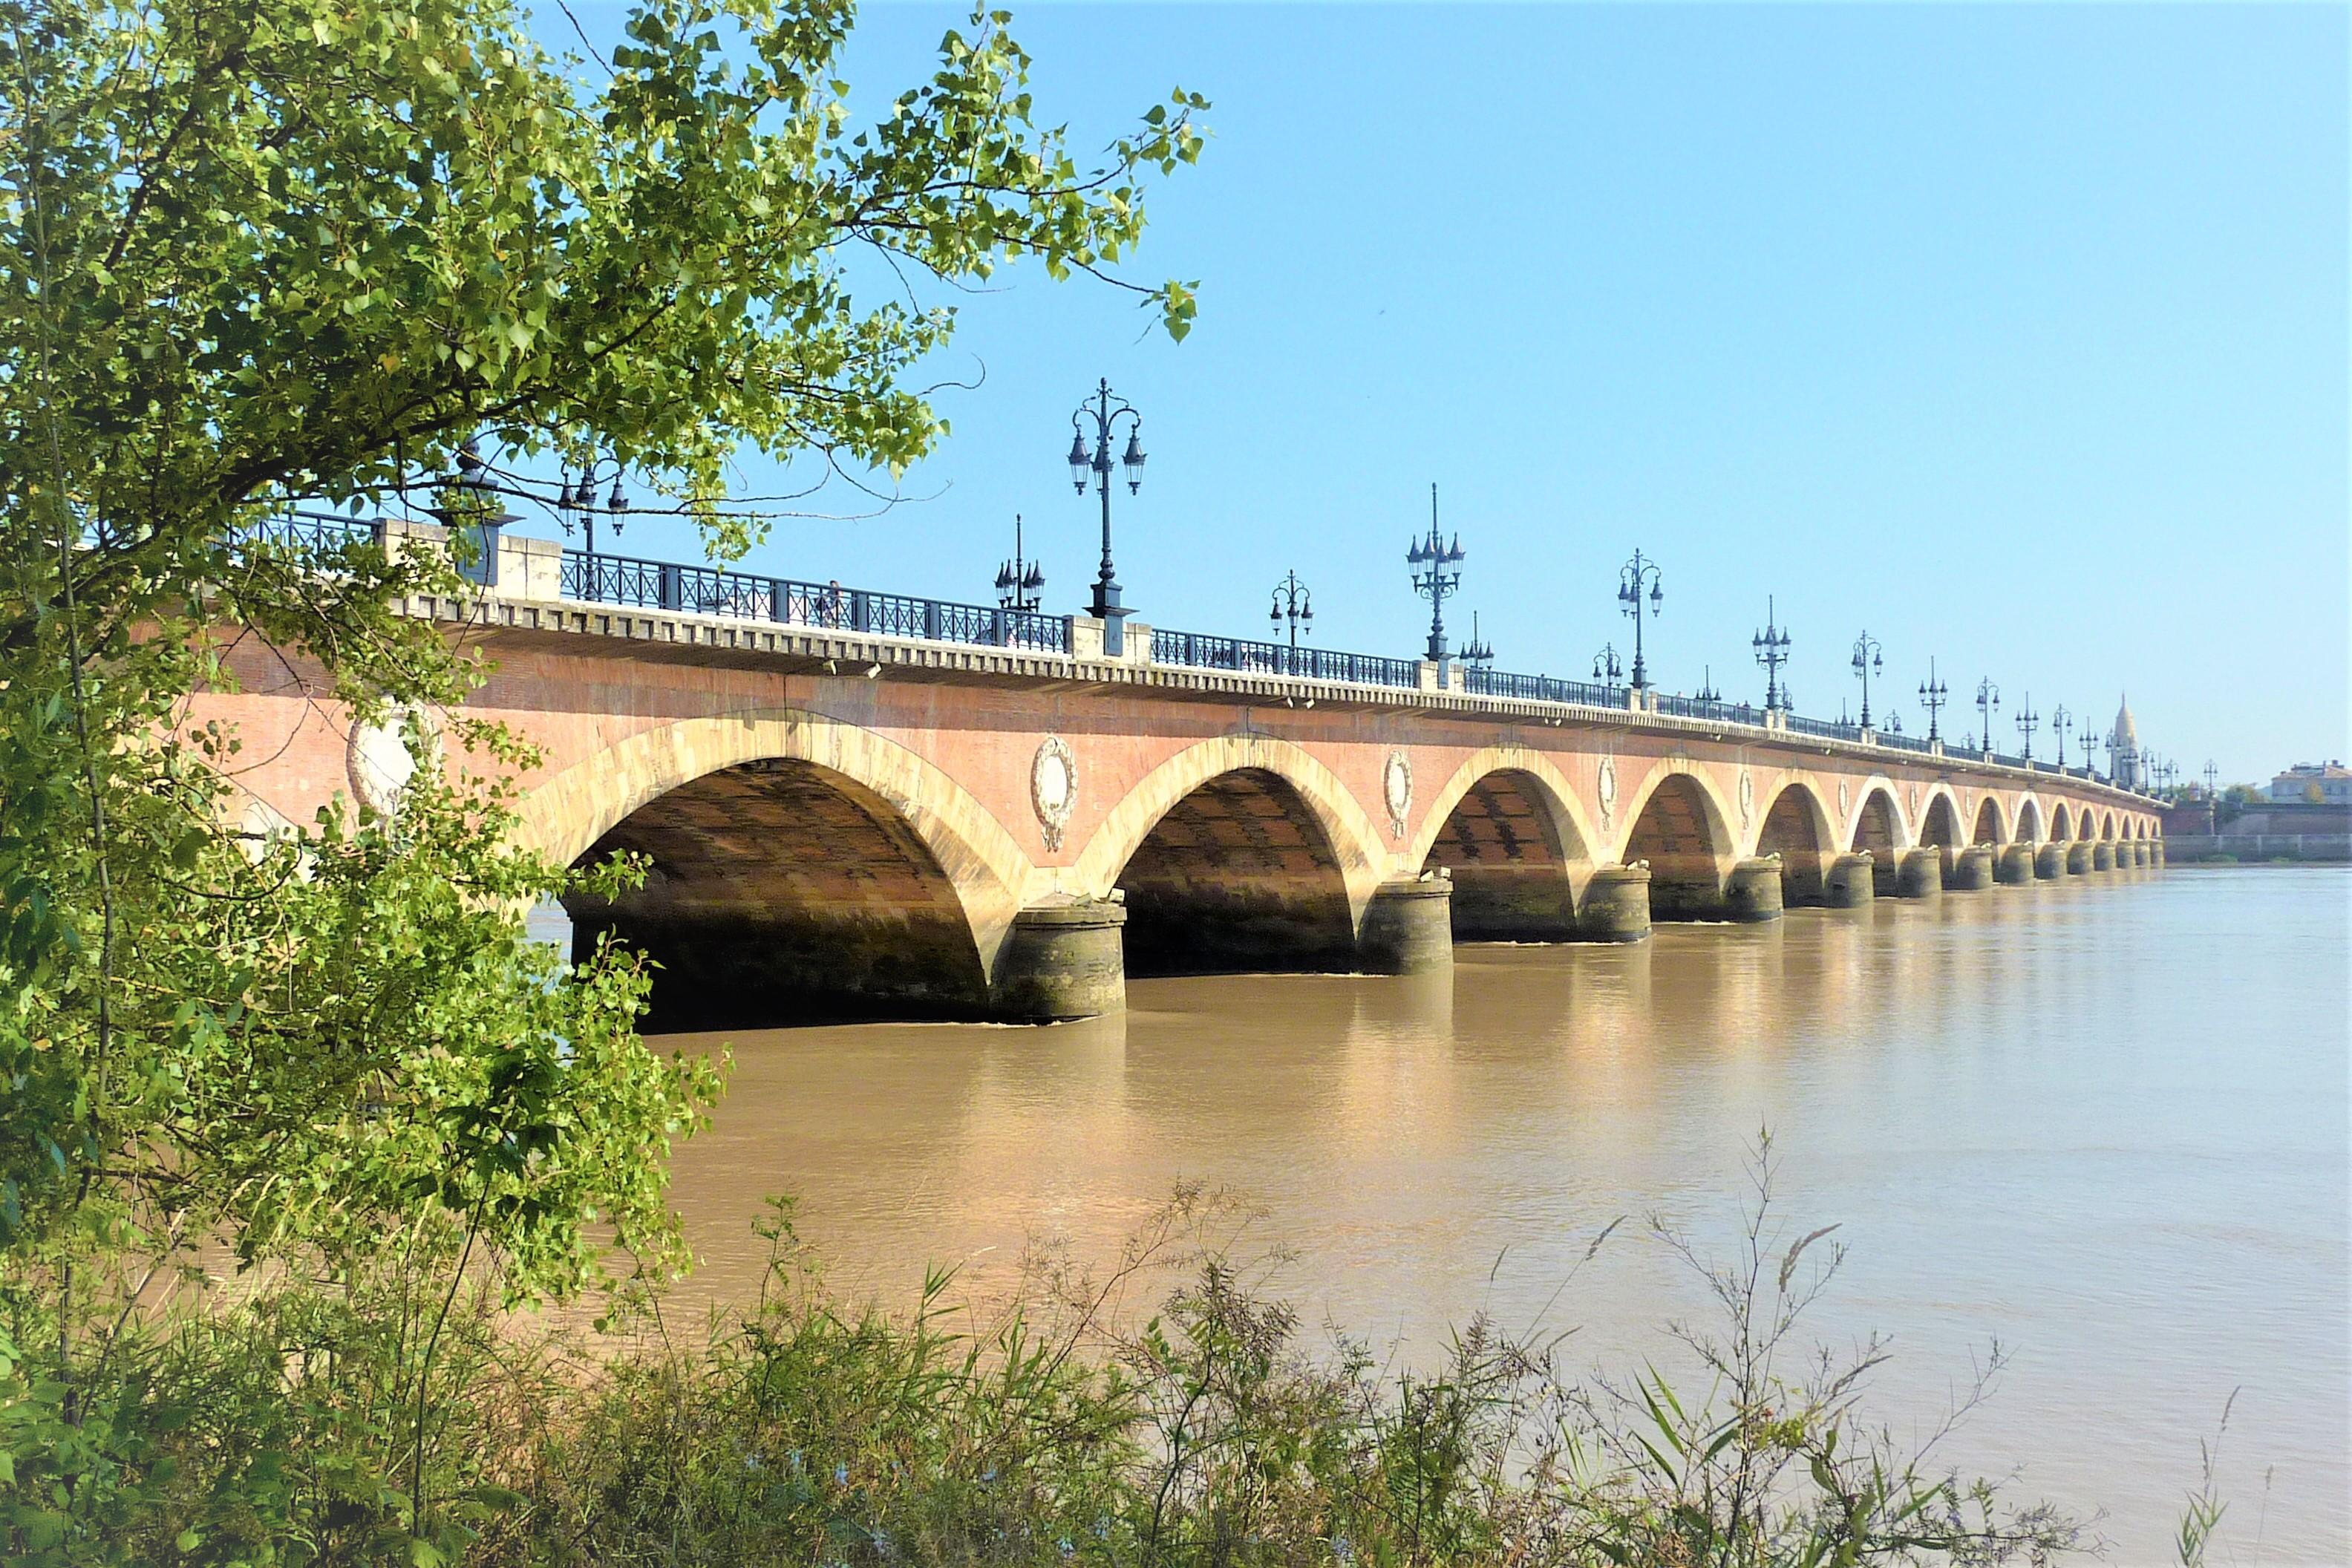 Fabriquer Un Petit Pont De Bois pont de pierre (bordeaux) — wikipédia